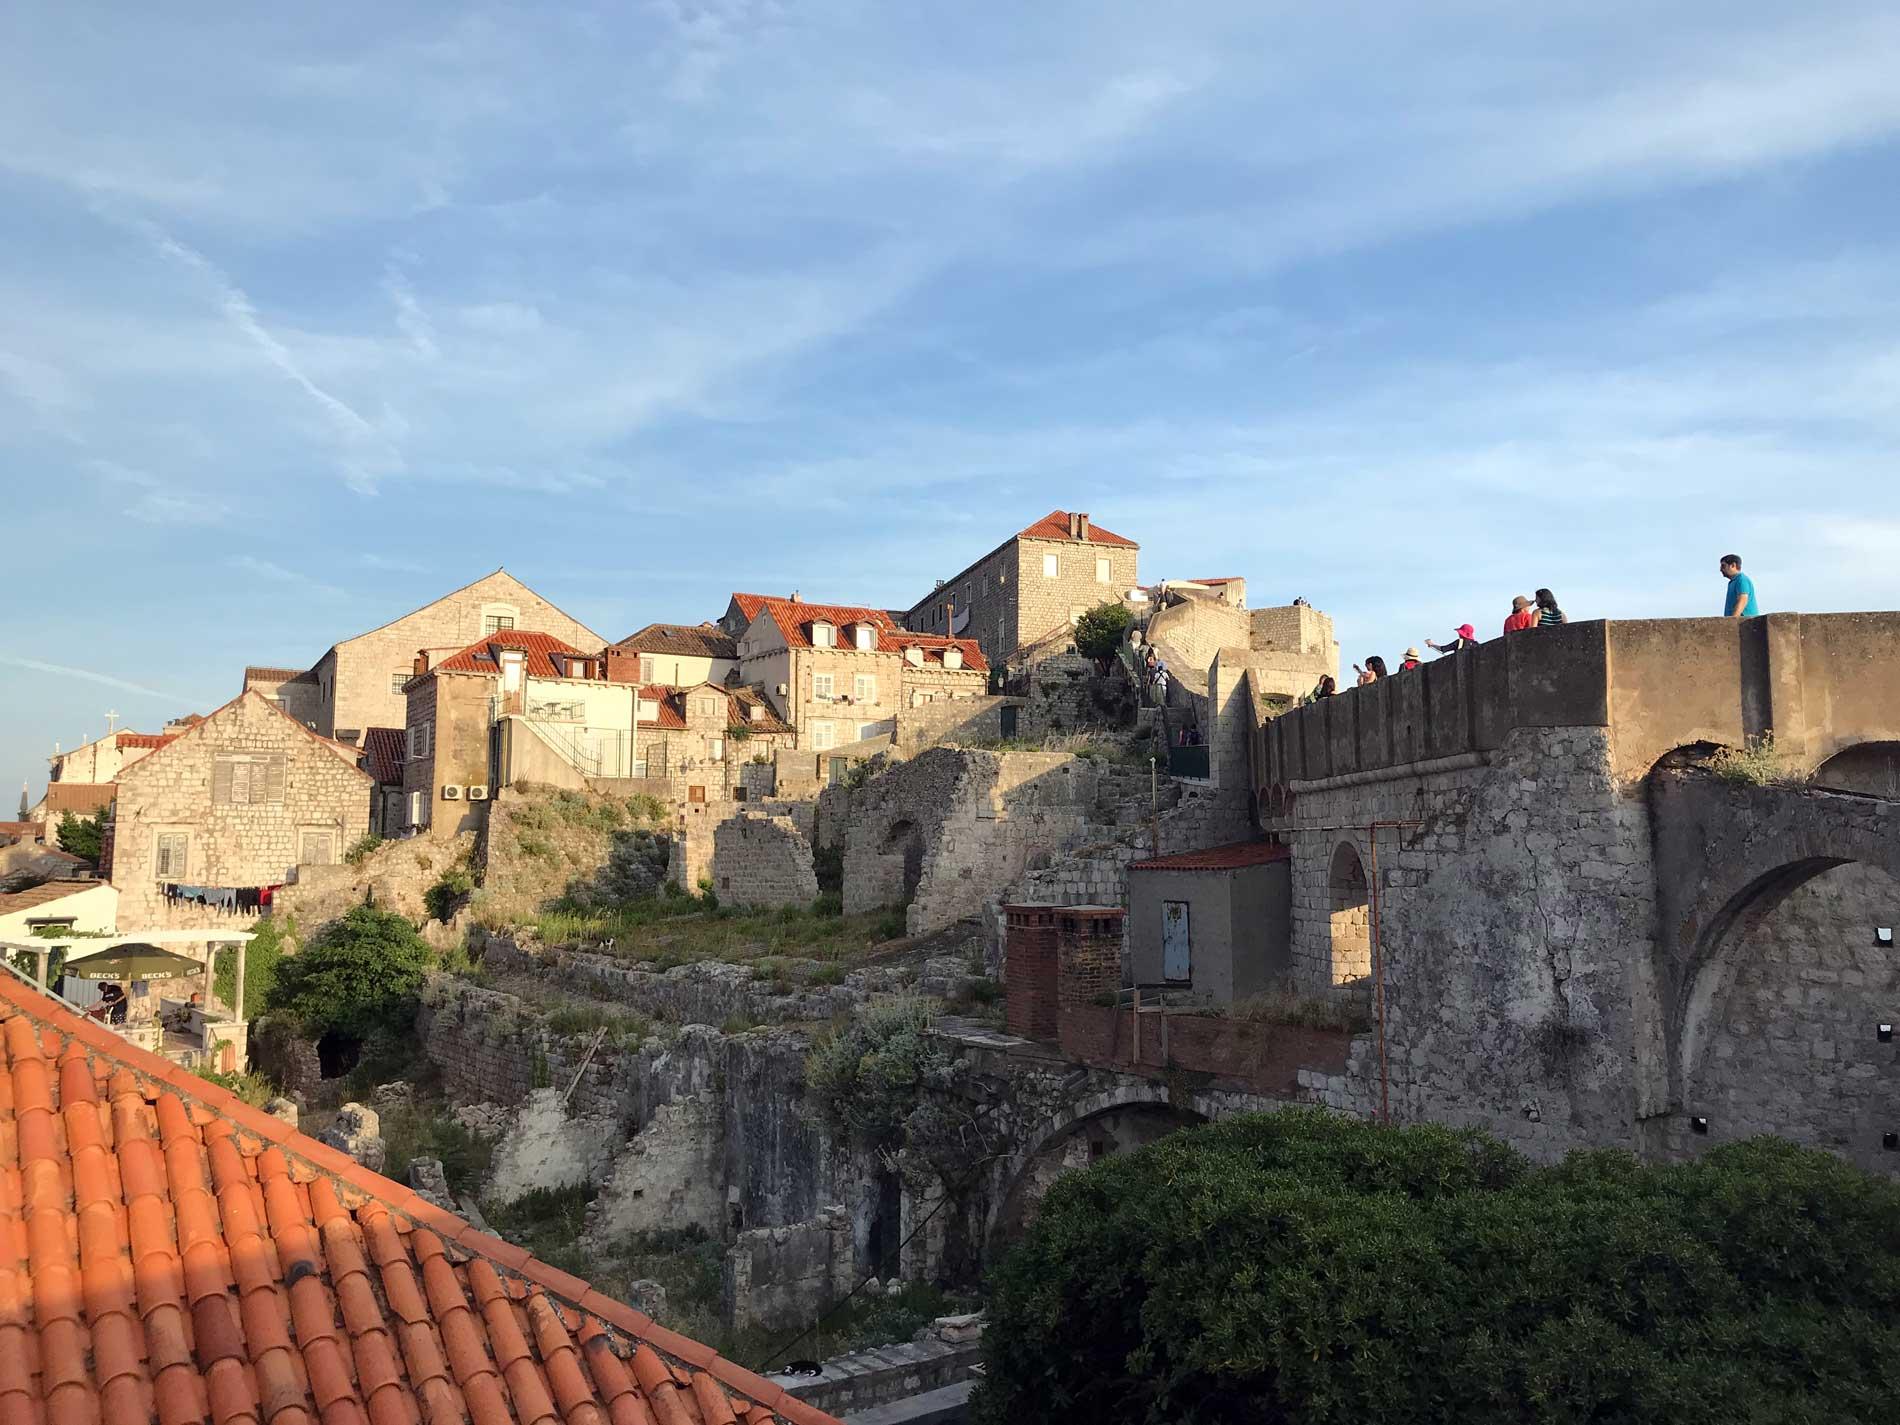 Dubrovnik-Croazia-vista-dalle-mura-Città-Vecchia-case